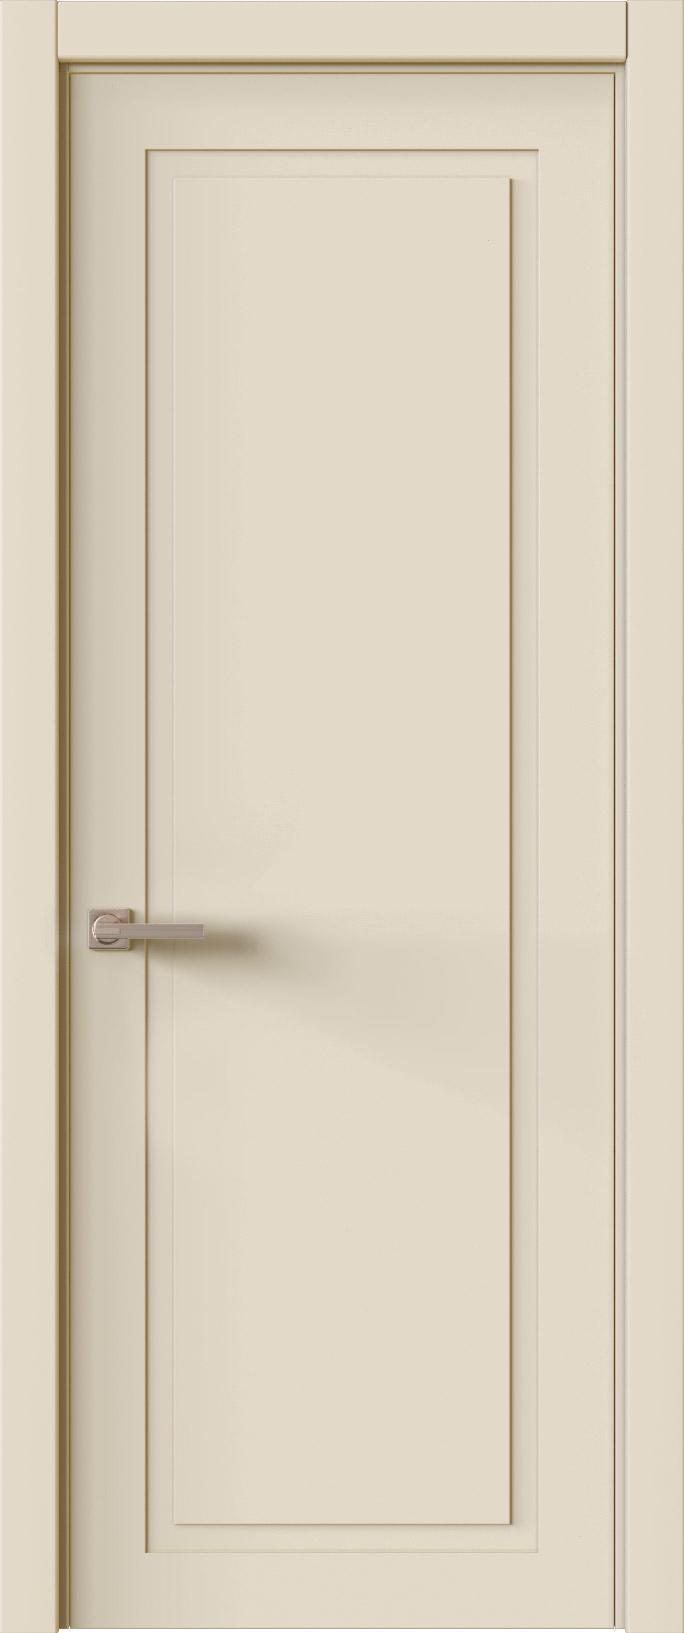 Tivoli Д-5 цвет - Жемчужная эмаль (RAL 1013) Без стекла (ДГ)